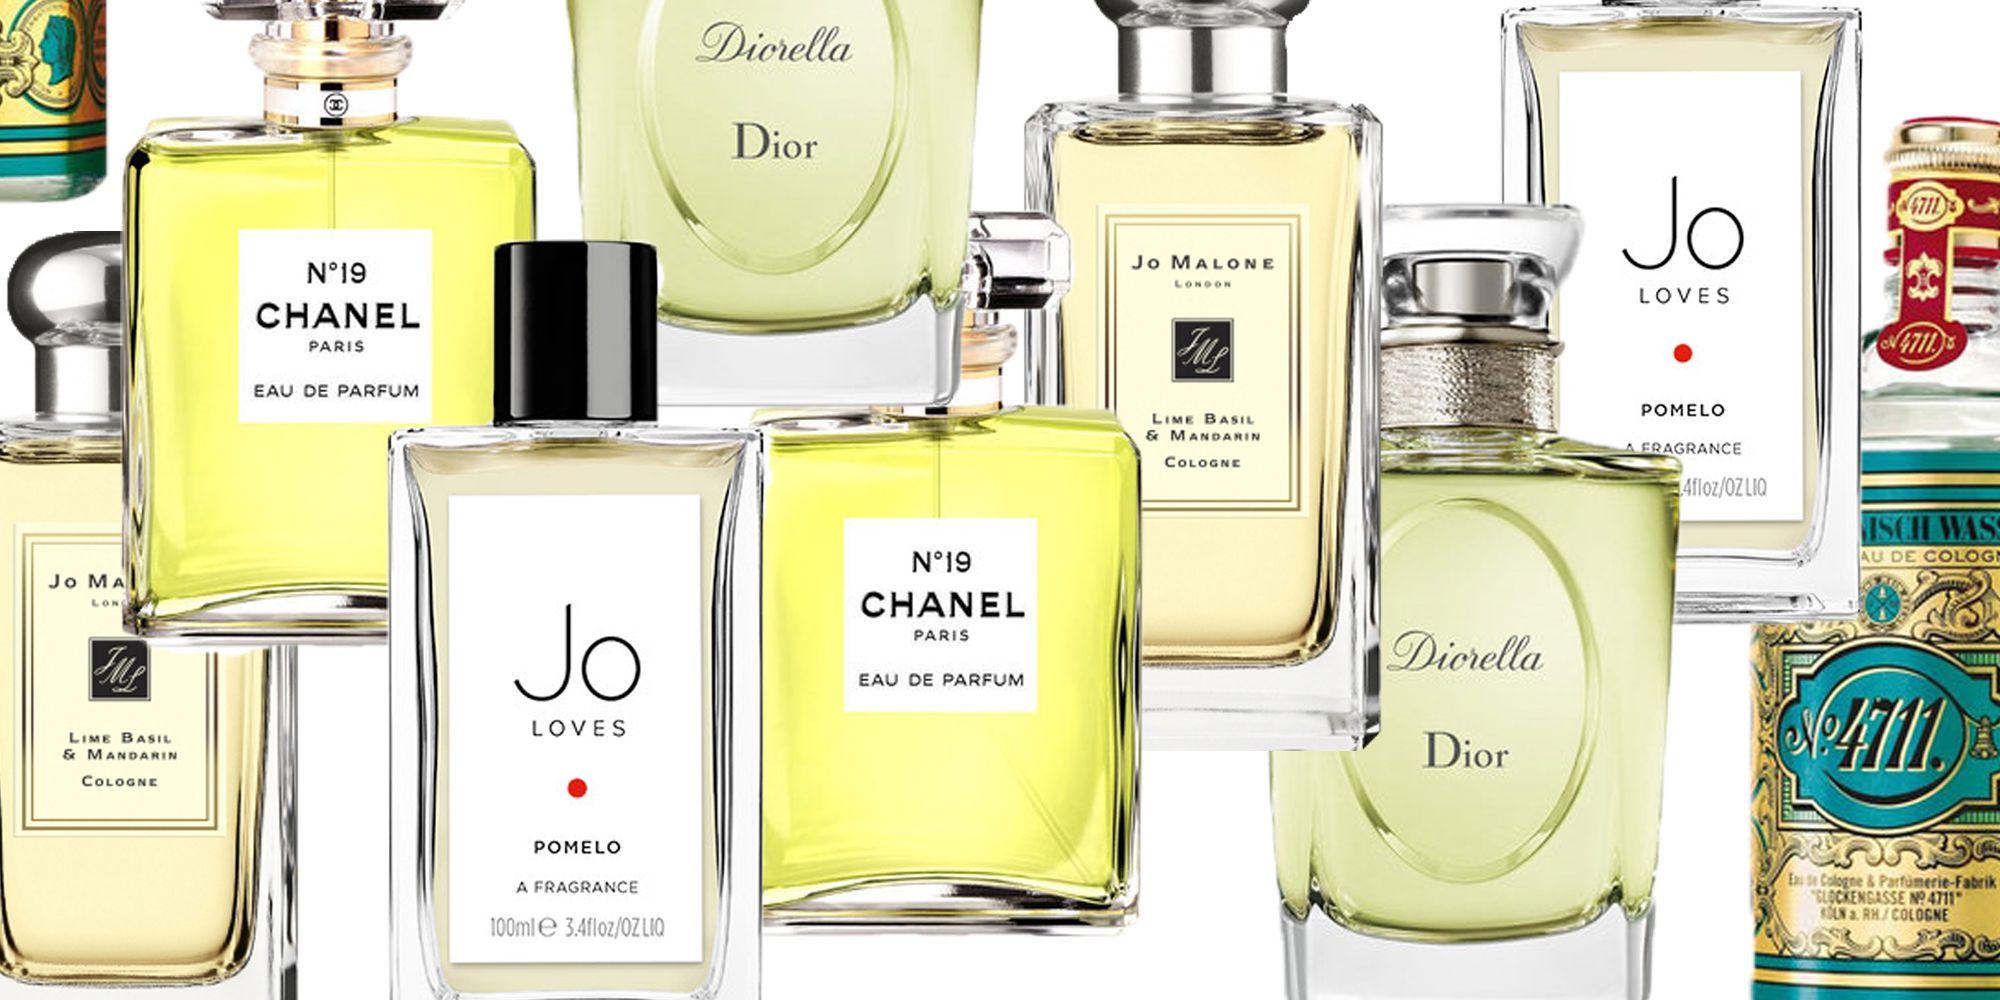 Obsługa w perfumerii